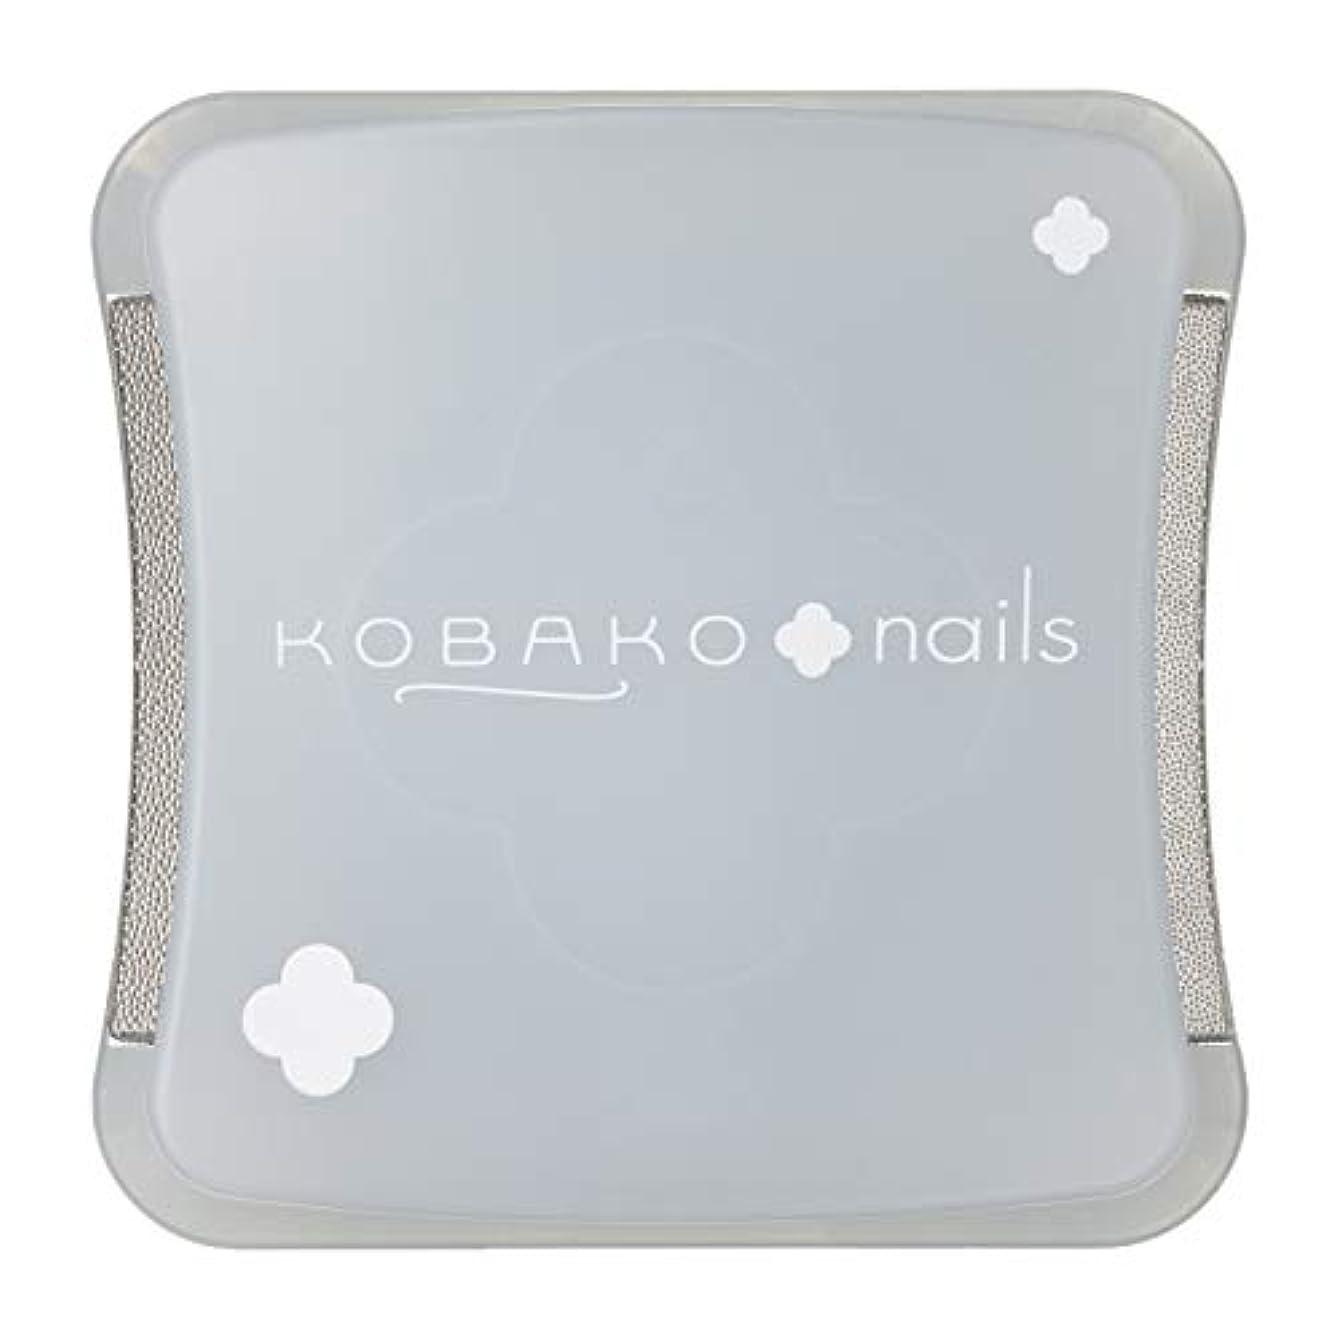 売り手純粋に細部KOBAKO(コバコ) コンパクトネイルファイル 爪やすり